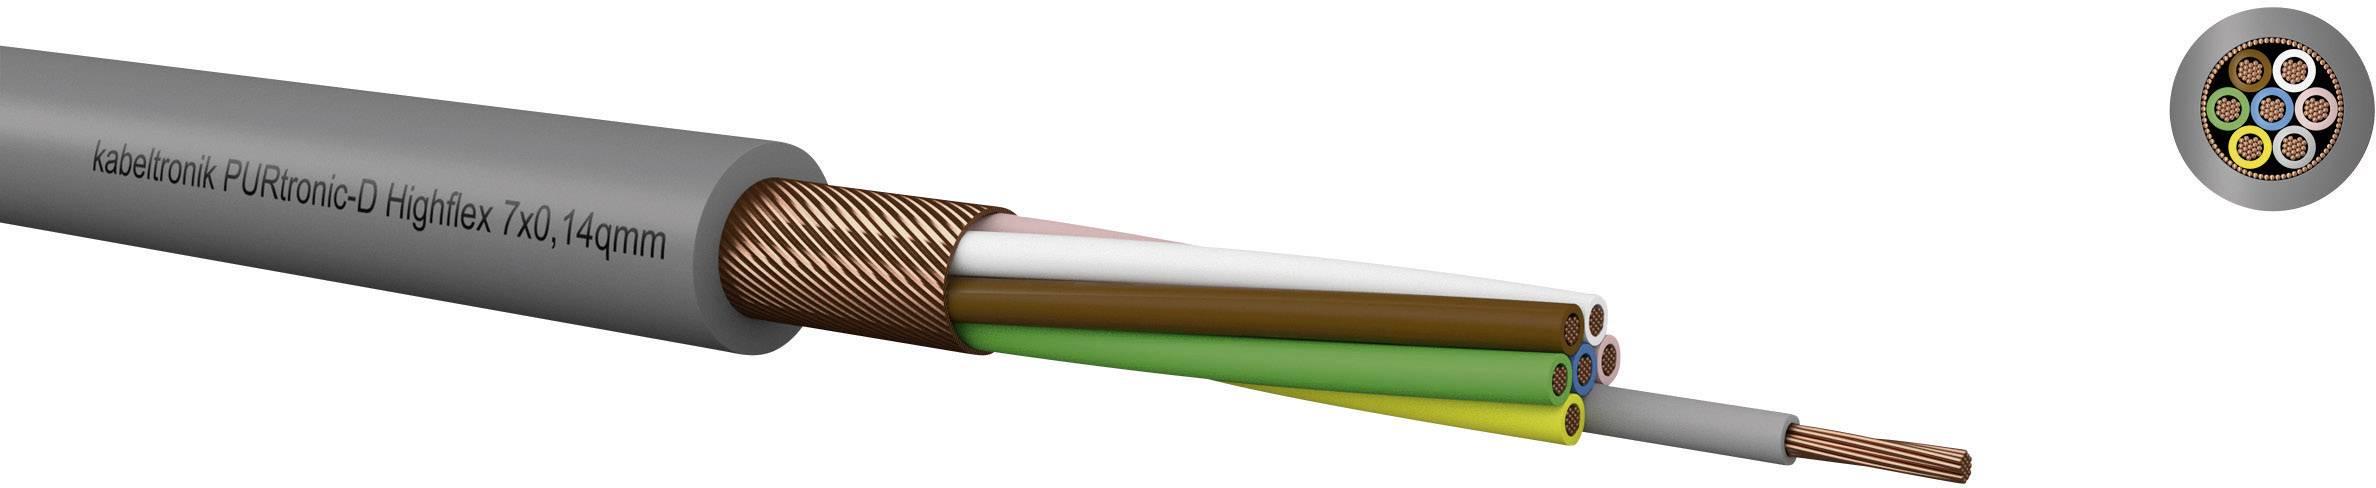 Riadiaci kábel Kabeltronik PURtronic Highflex 213101400, 10 x 0.14 mm², vonkajší Ø 3.20 mm, 500 V, metrový tovar, sivá